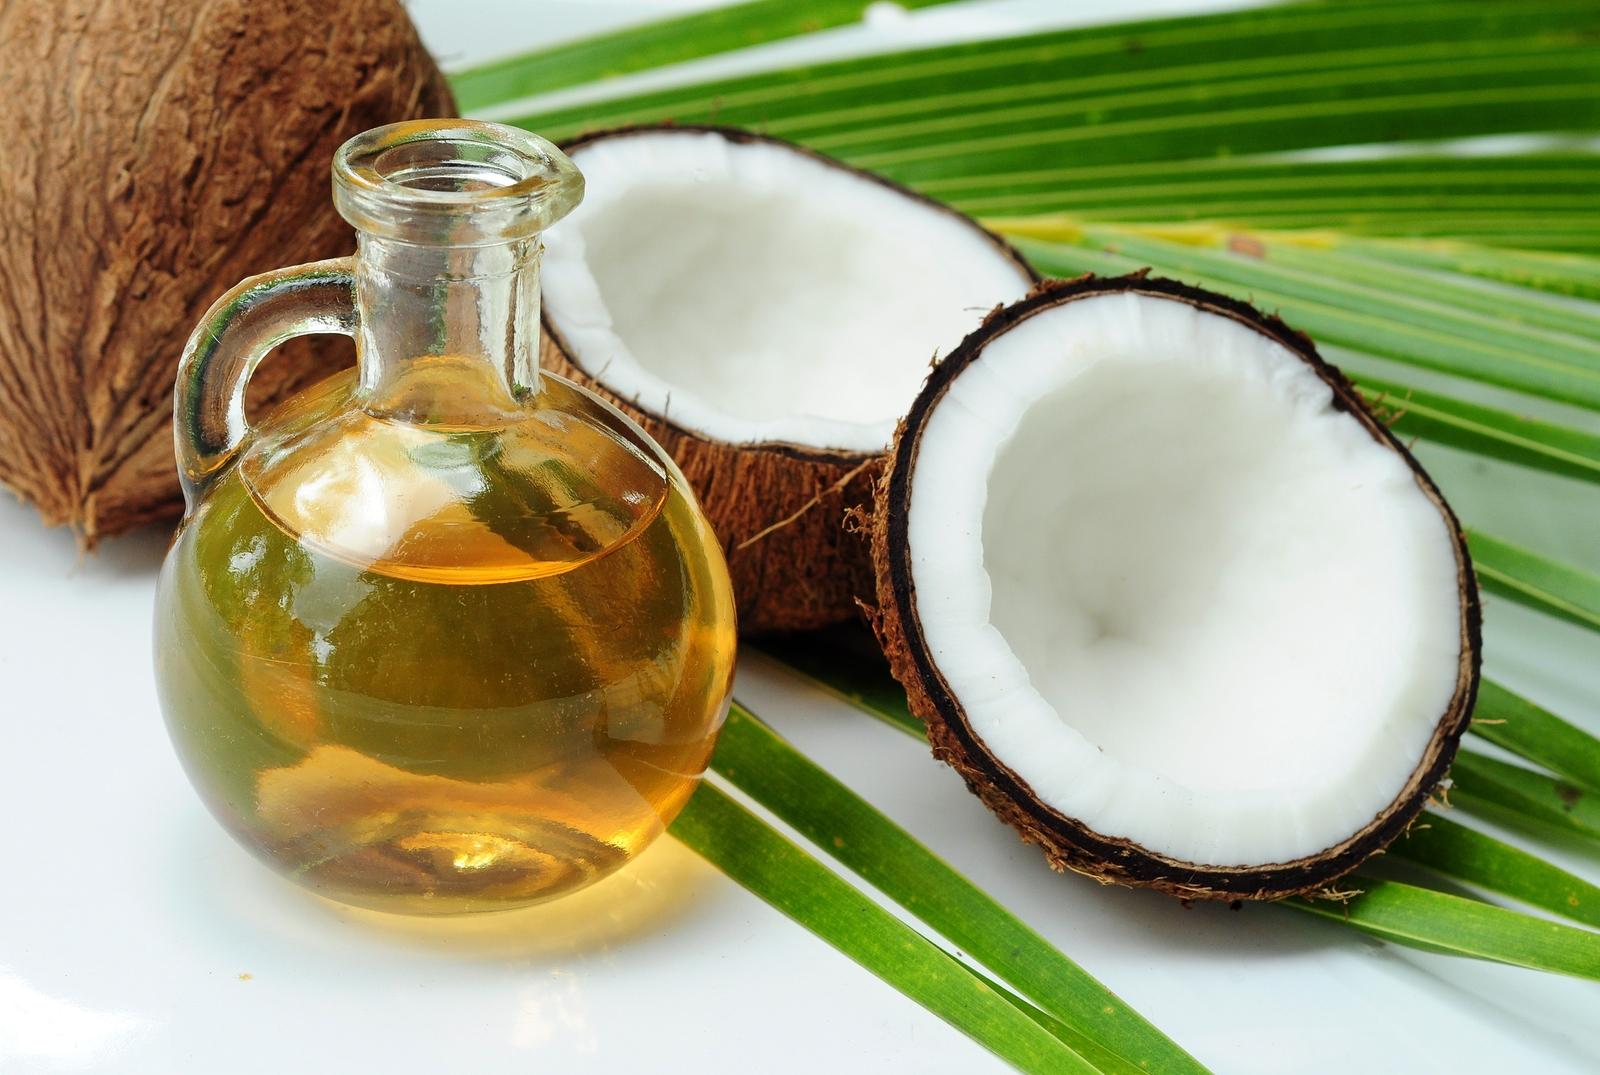 ココナッツオイルは美容だけじゃない!美味しく食べるレシピはコレ!のサムネイル画像